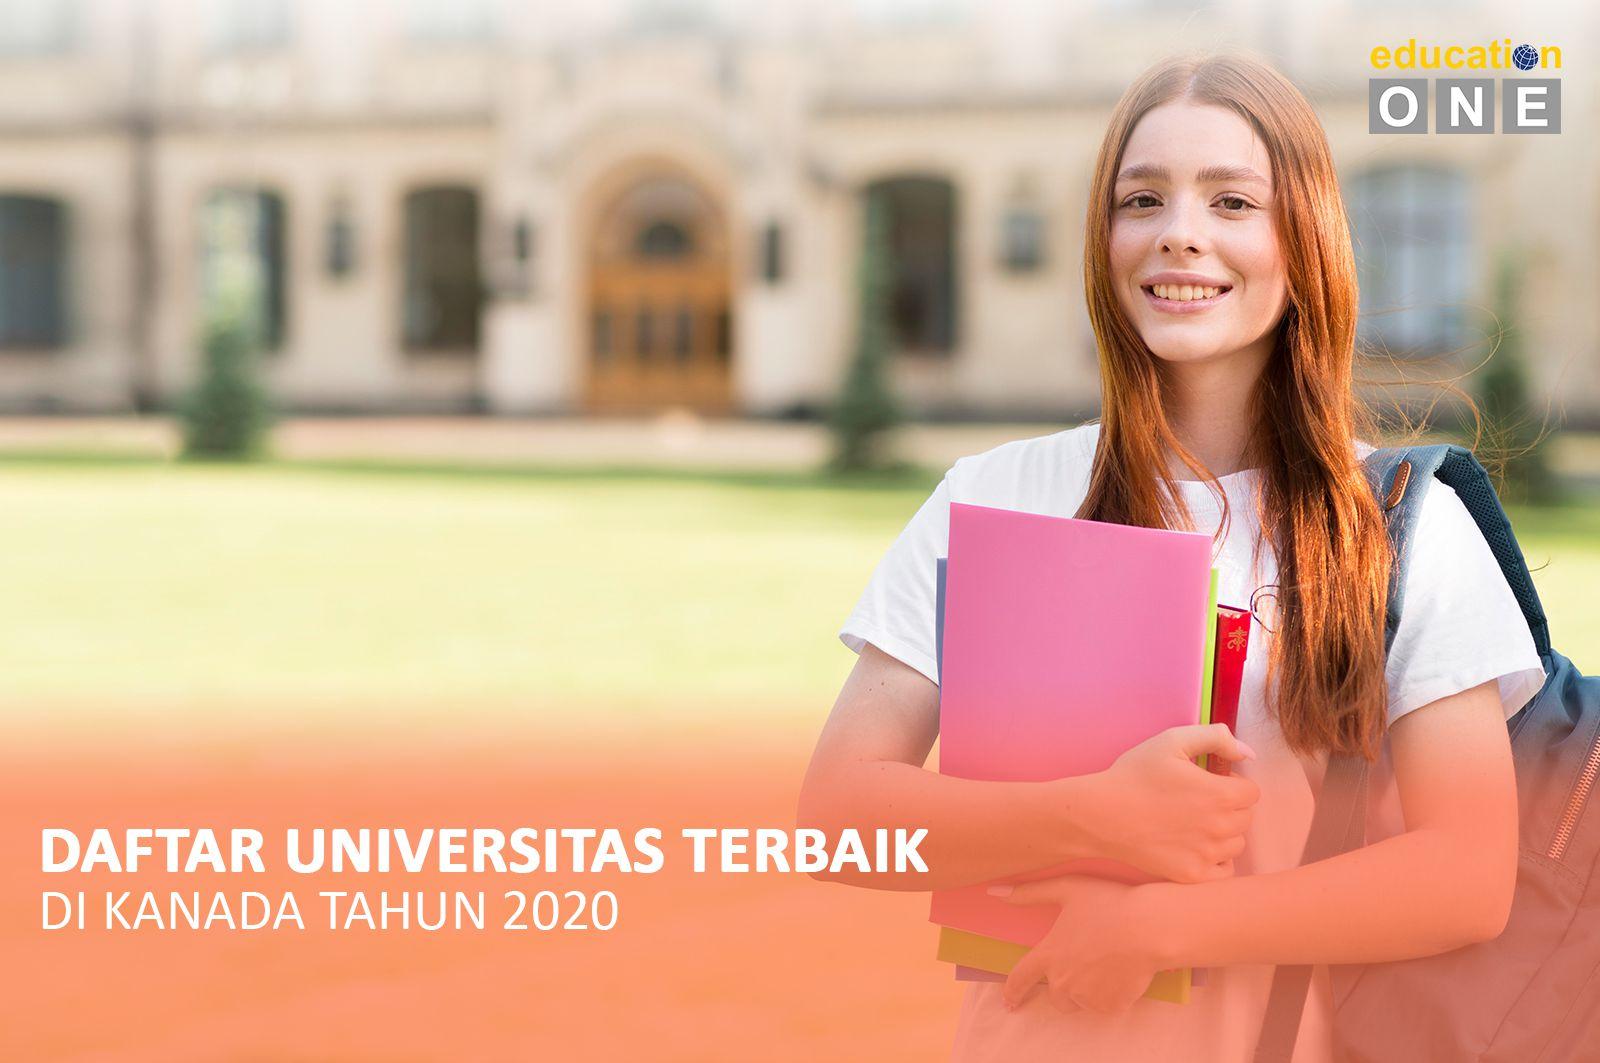 Daftar Universitas Terbaik di Kanada Tahun 2020